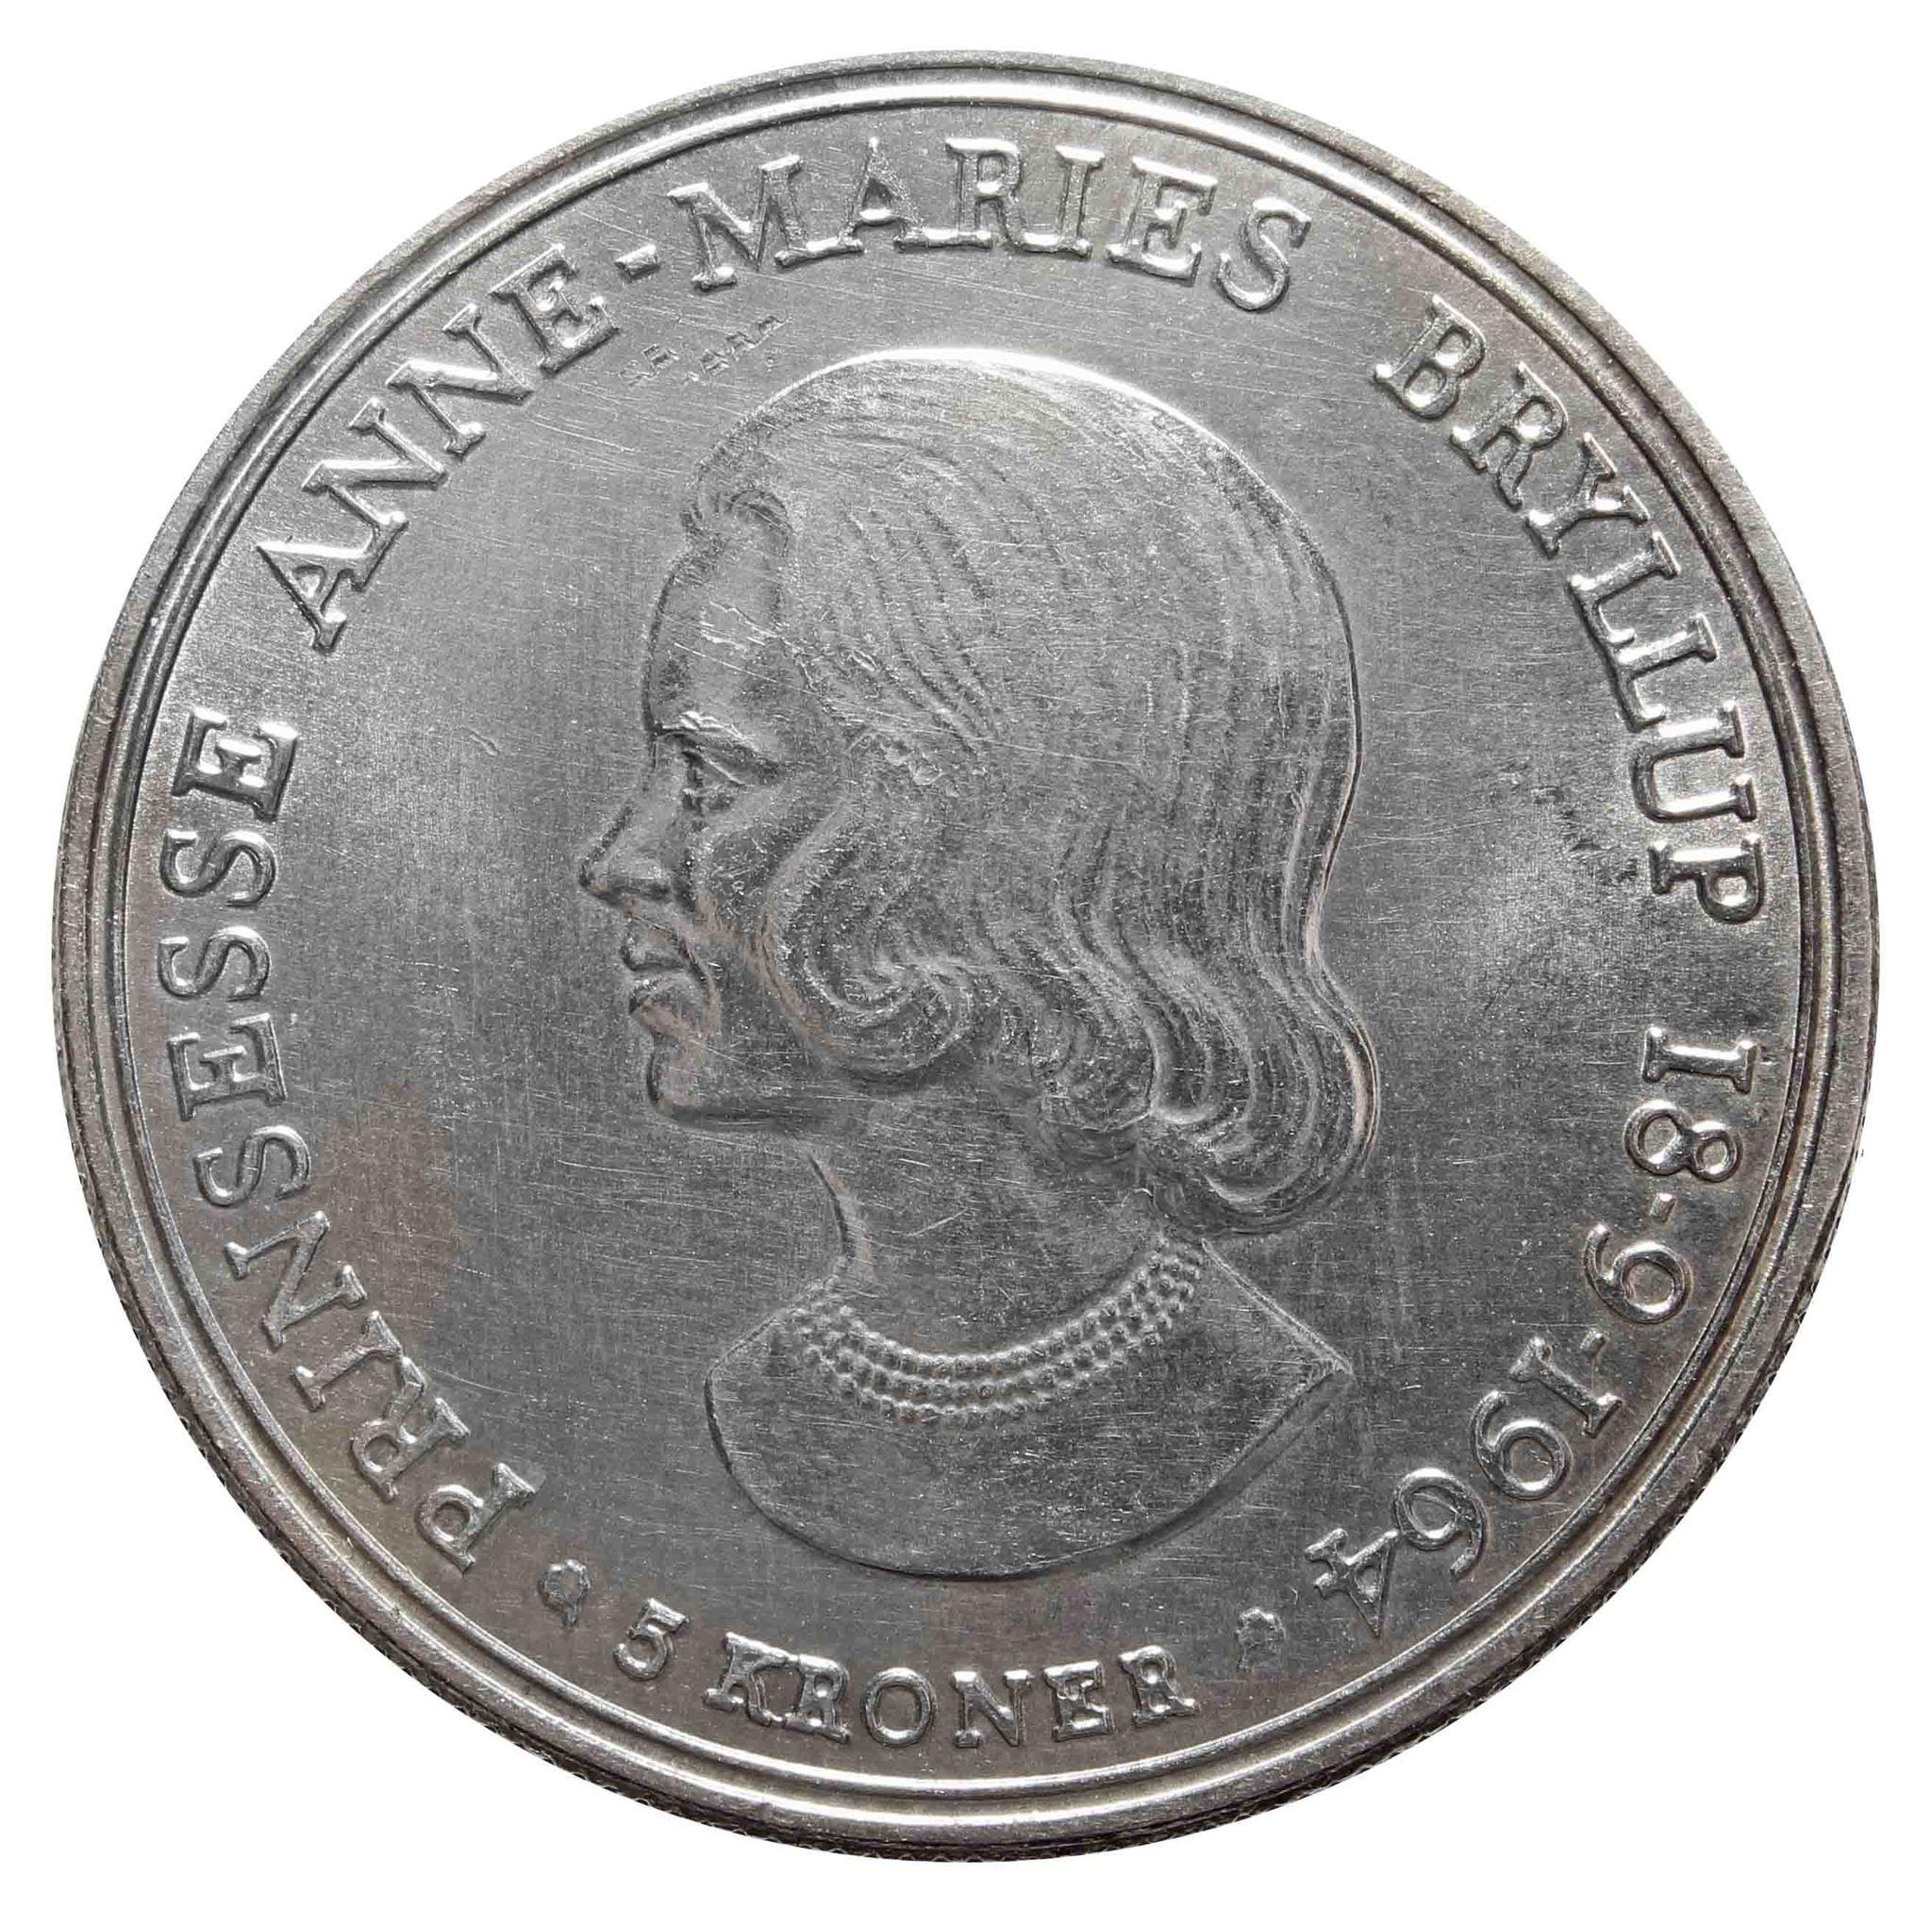 5 крон. Свадьба Принцессы Анны Марии. Дания. 1964. Серебро. AU